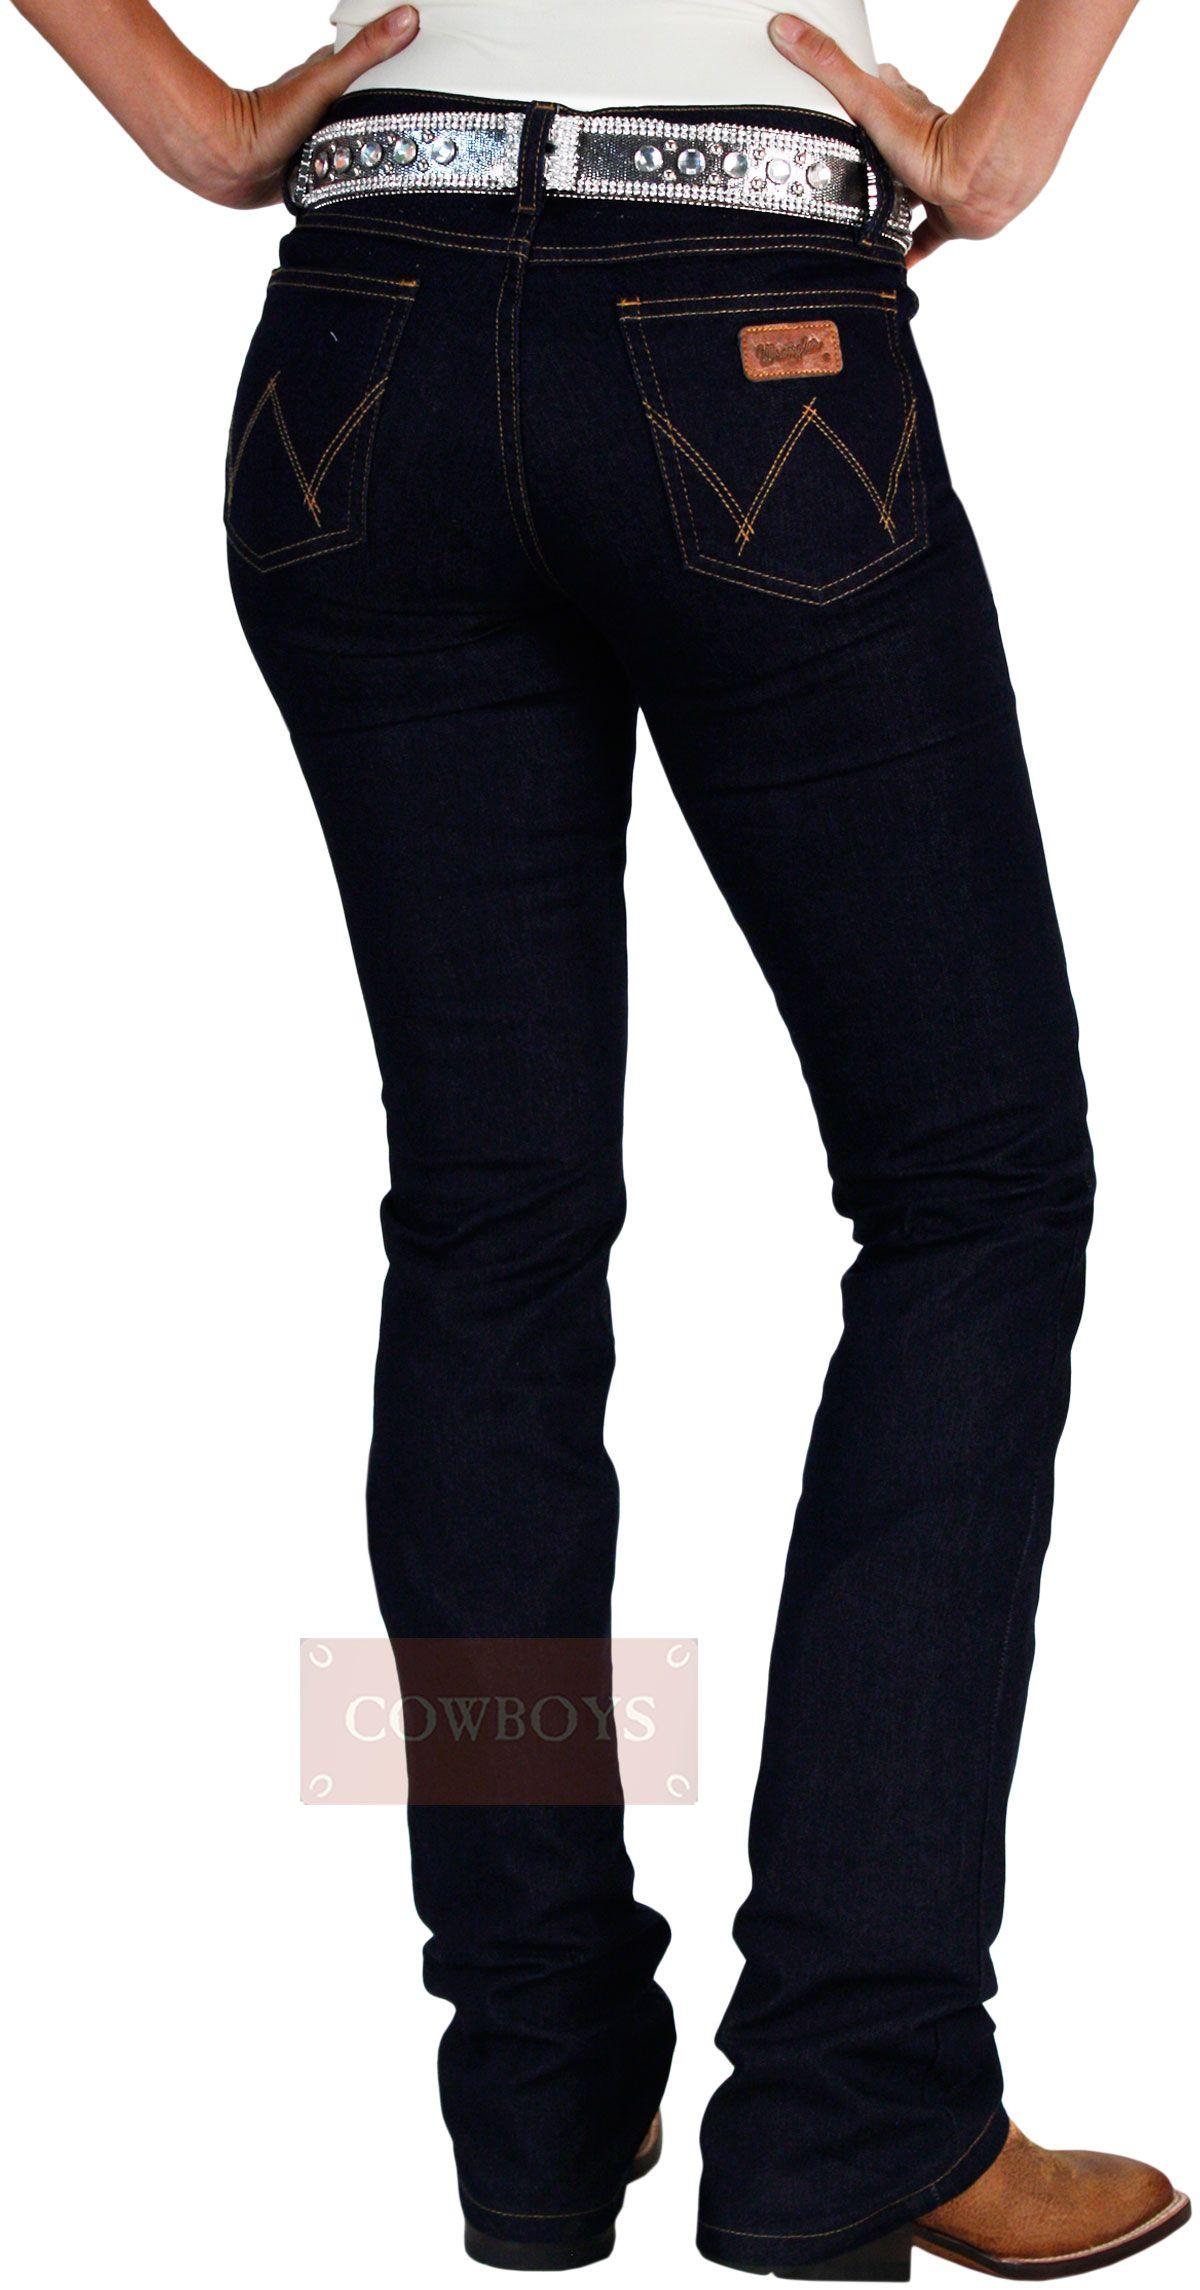 07db551b5 Calça Wrangler Feminina Slim Blue Intense Stretch Pre Lavada Cintura no  lugar barra Flare Calça jeans